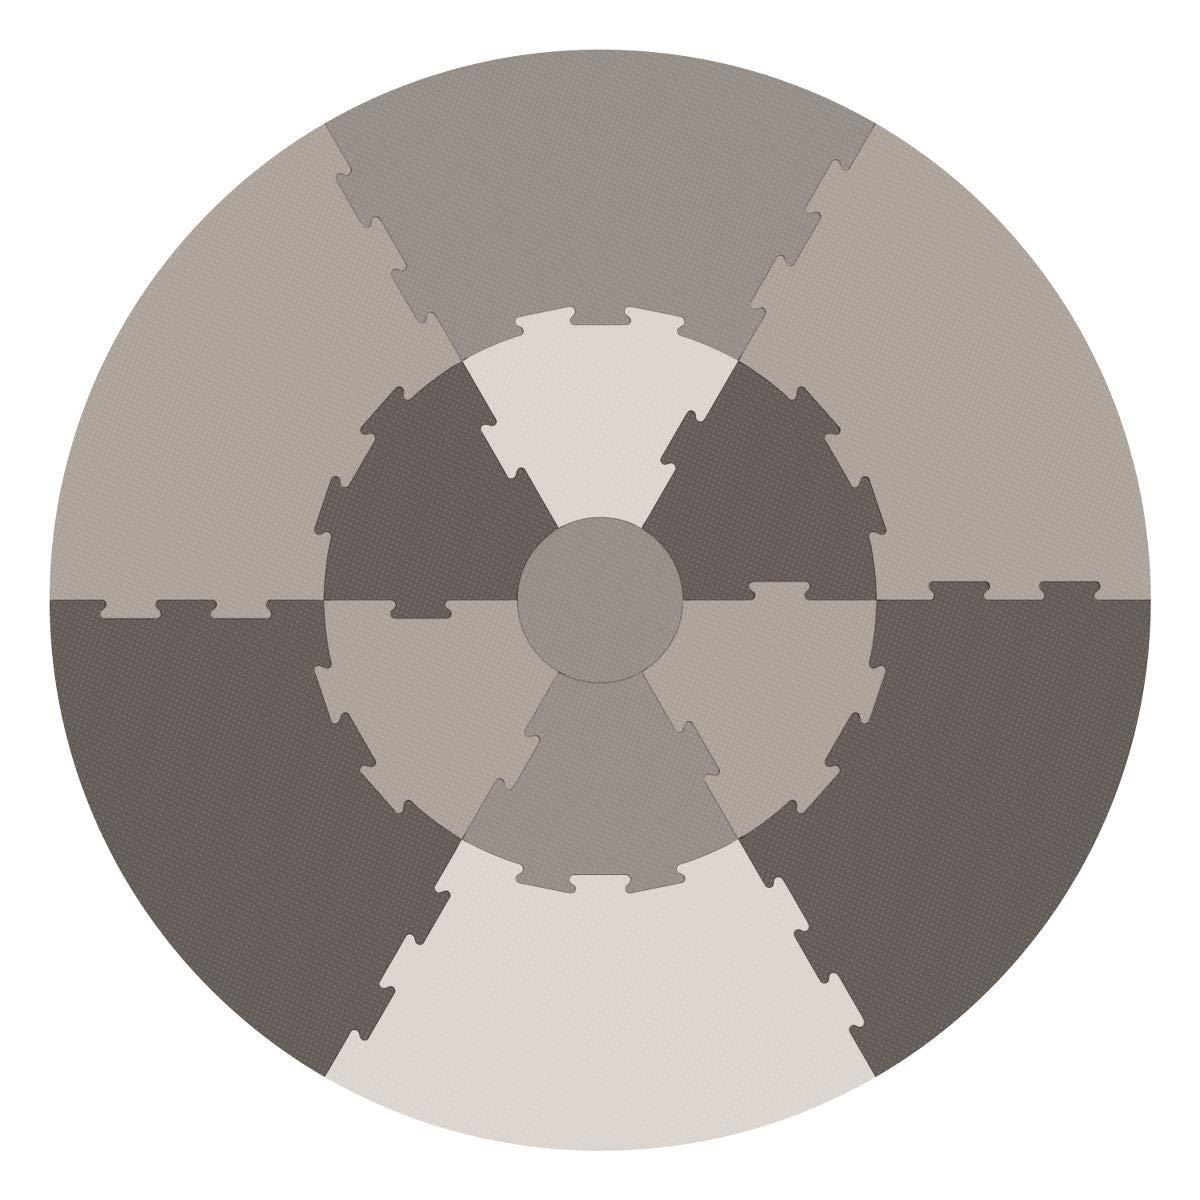 Sebra spielmatte cálida gris para gatear, parte techo Gateo Alfombrilla Puzzle Rompecabezas de diámetro 122 cm NUEVO